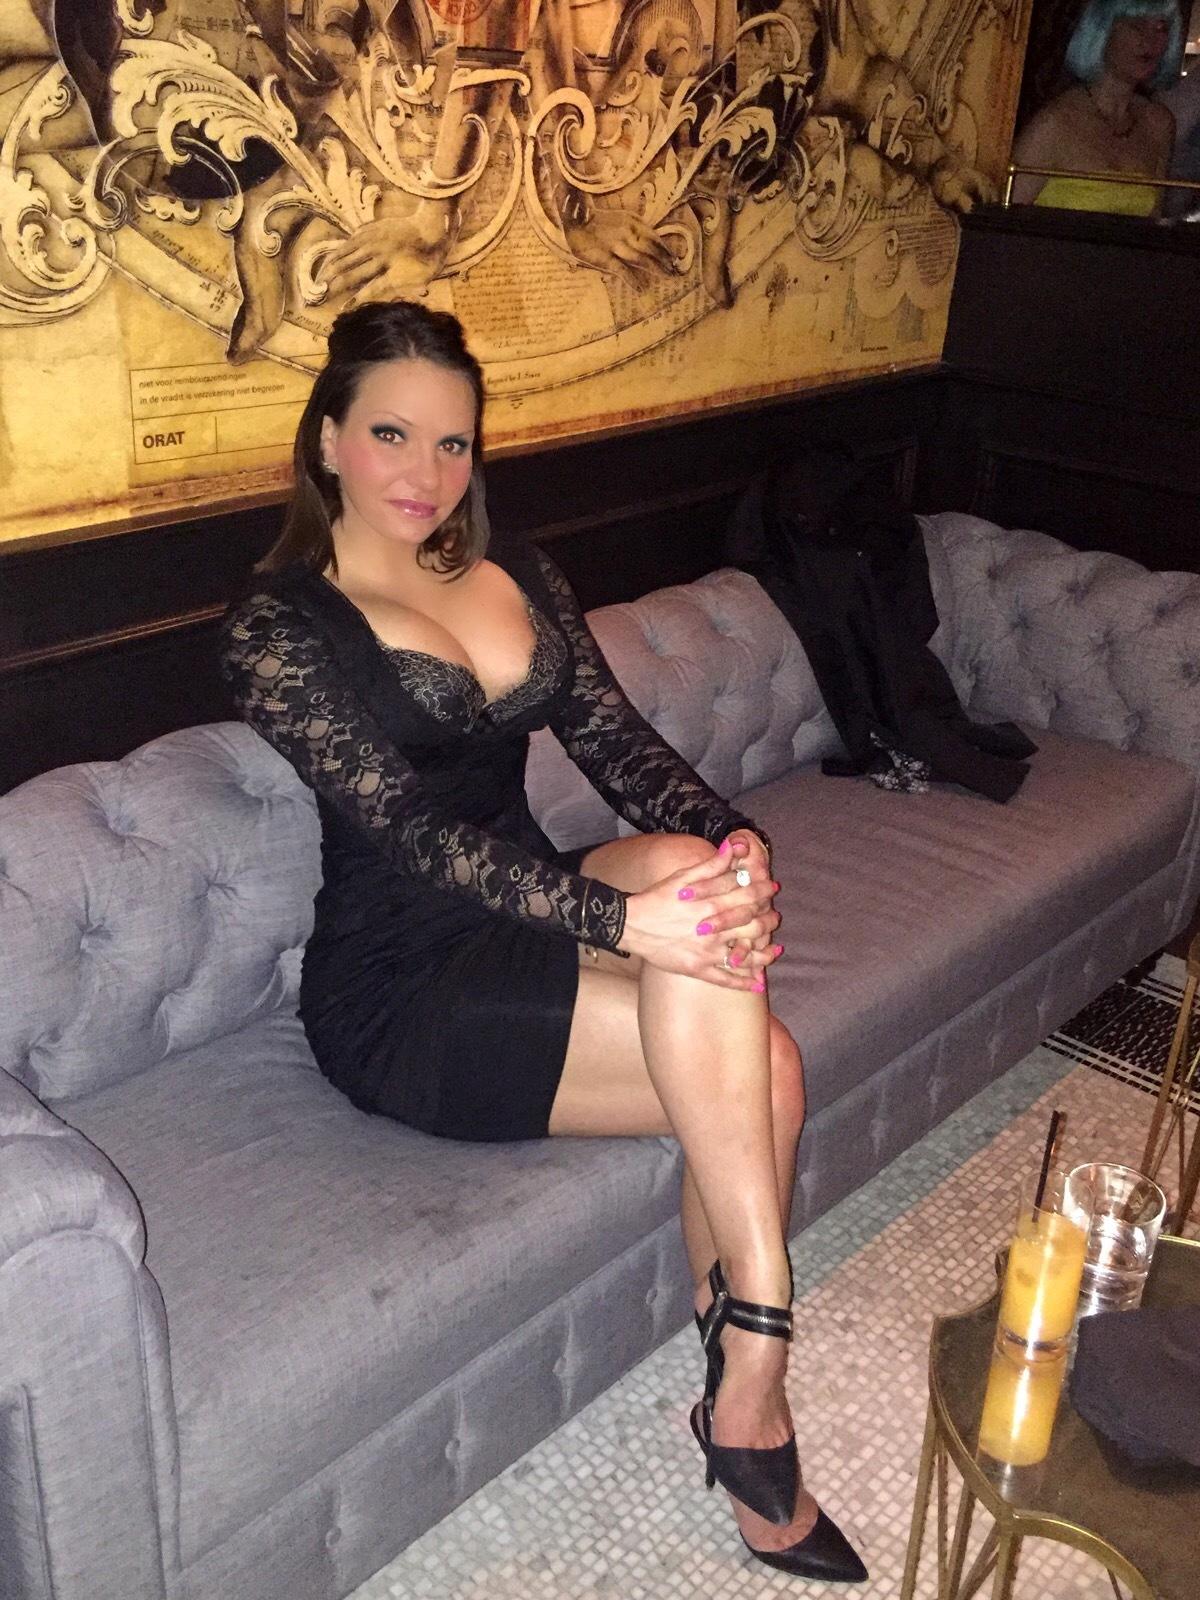 Paige La'Chelle